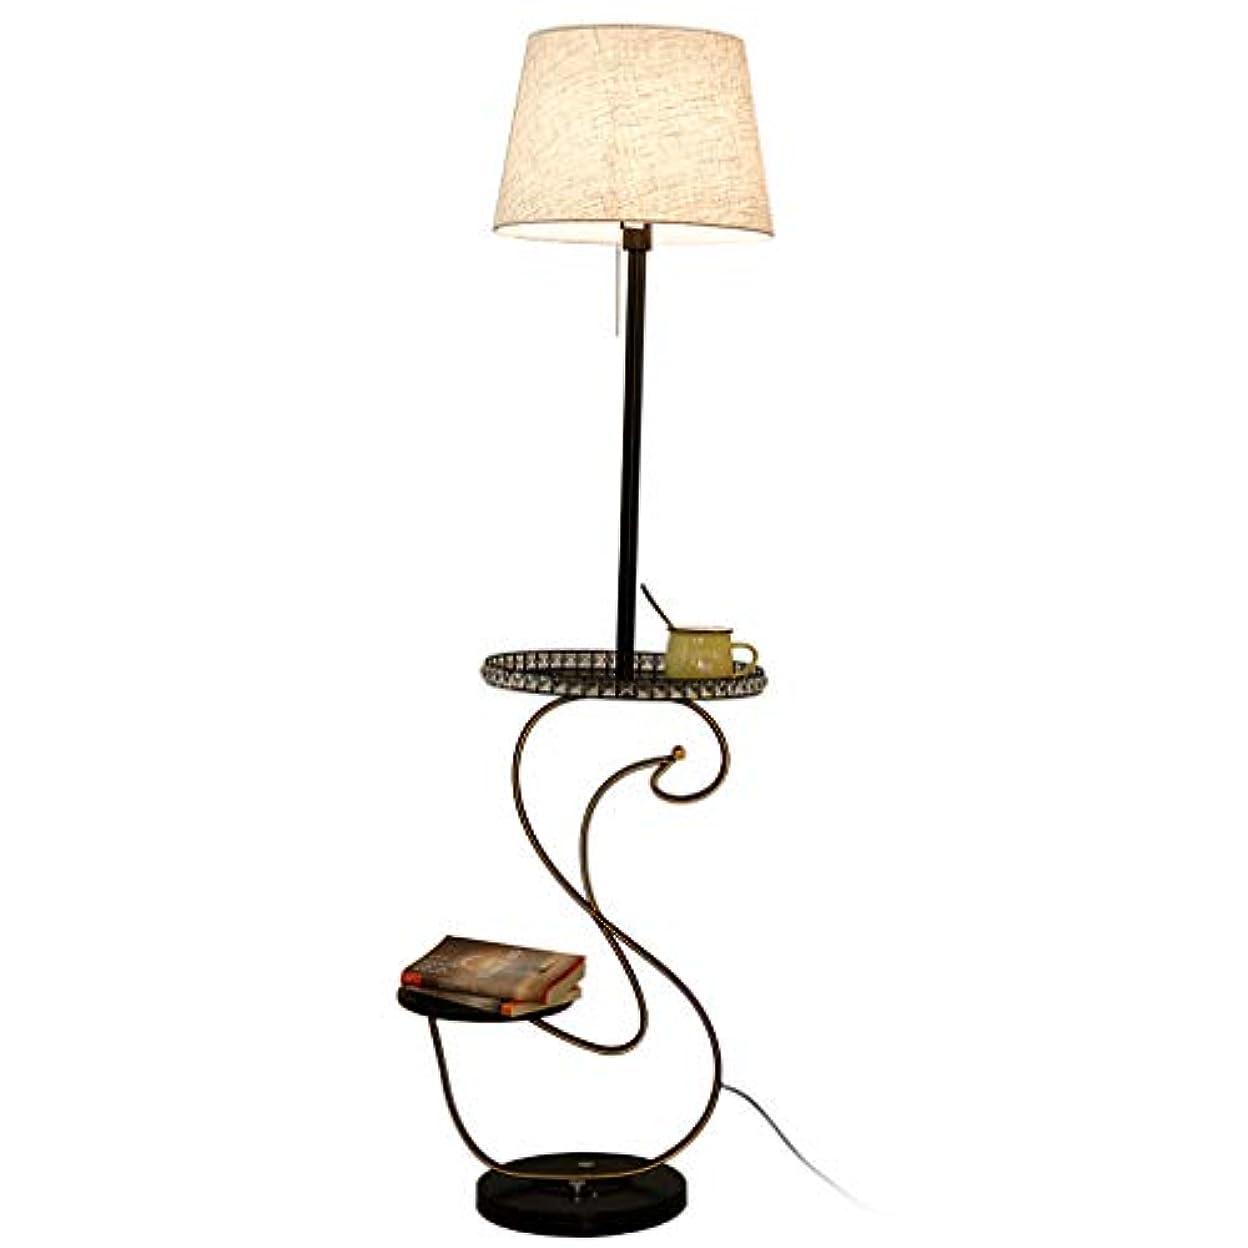 物足りない好きであるしょっぱいフロアスタンド リネンフロアランプ、創造的な目の保護を読書ベッドルームのベッドサイドテーブルランプ ホーム屋内照明フロアスタンド?ランプ